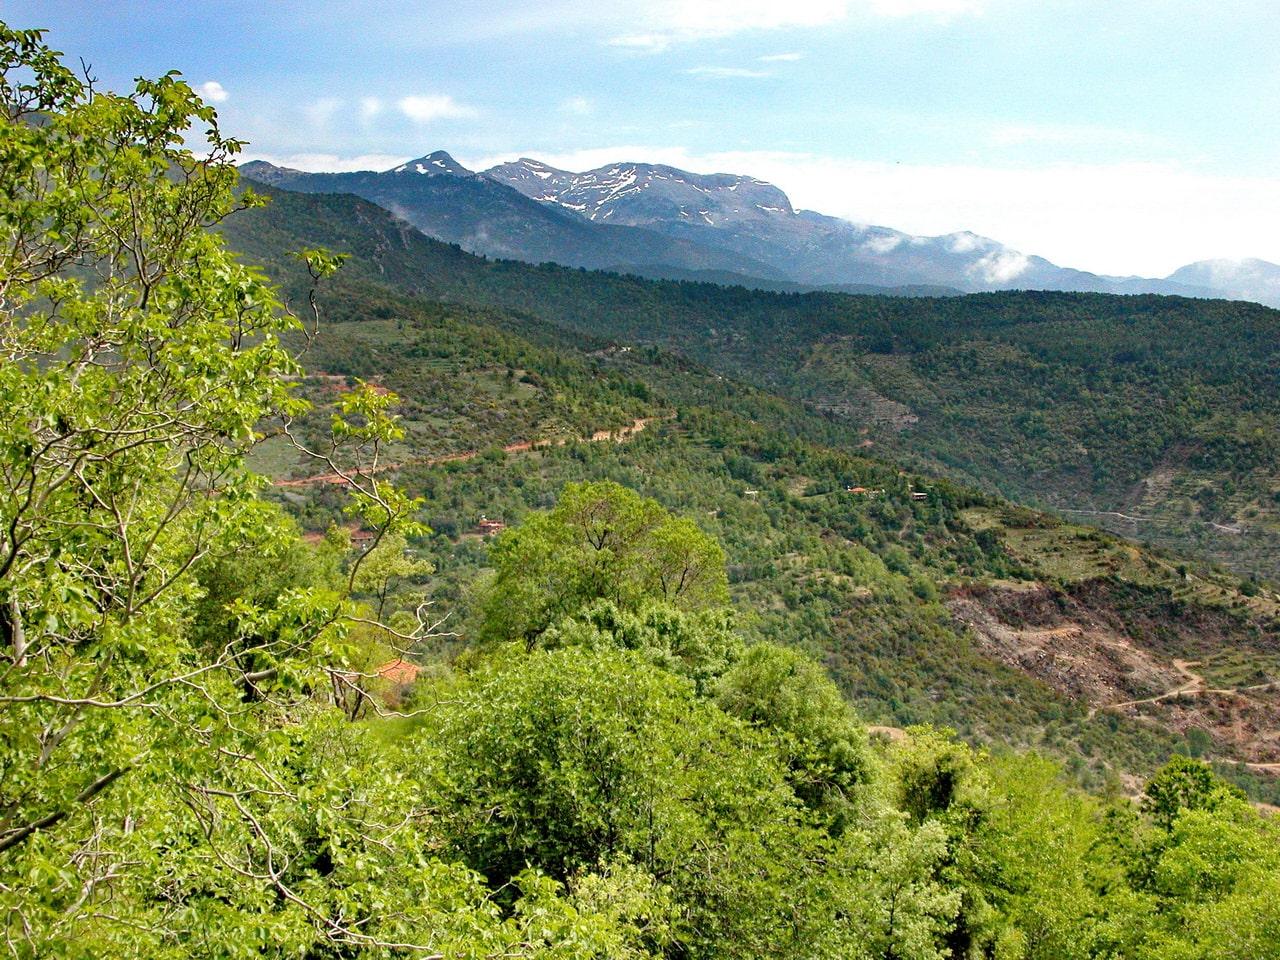 Ликийская тропа идет по горам вдоль берега Средиземного моря